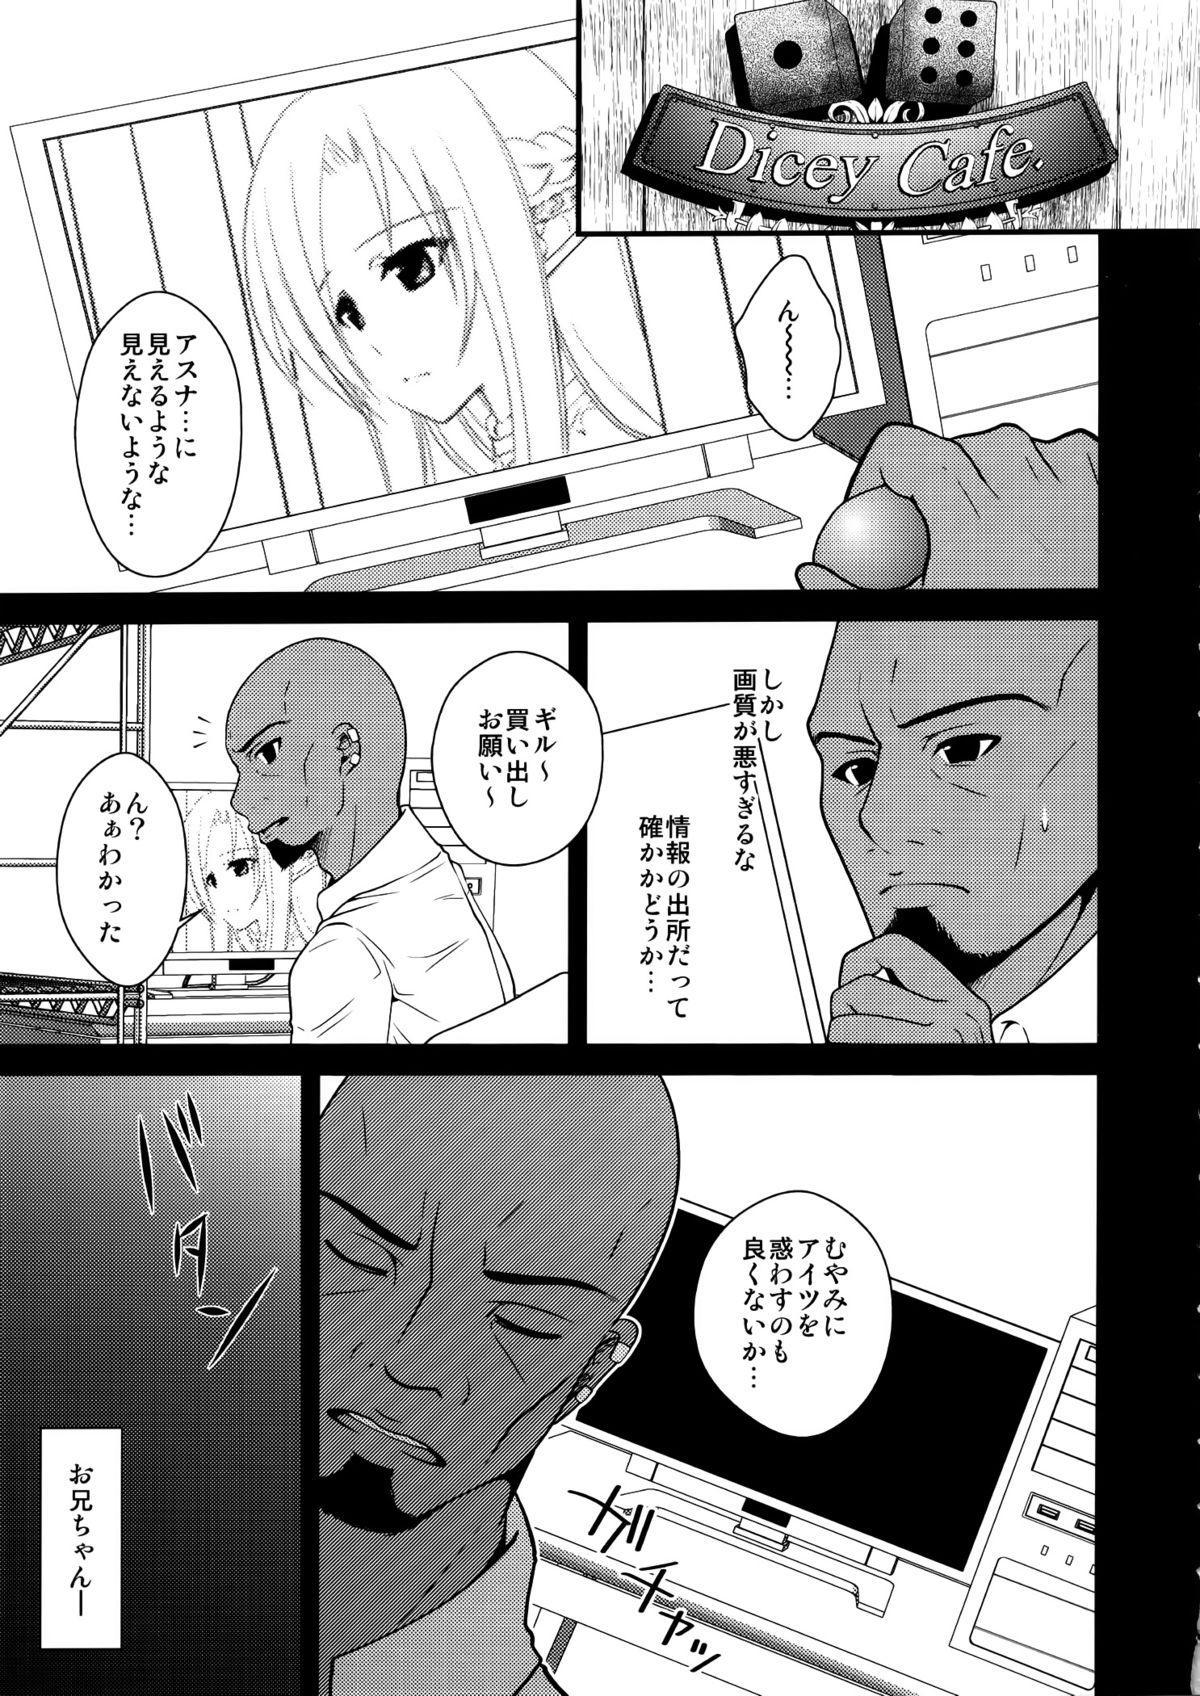 Wakuraba Ochite Kimi Idaku Hibi 5